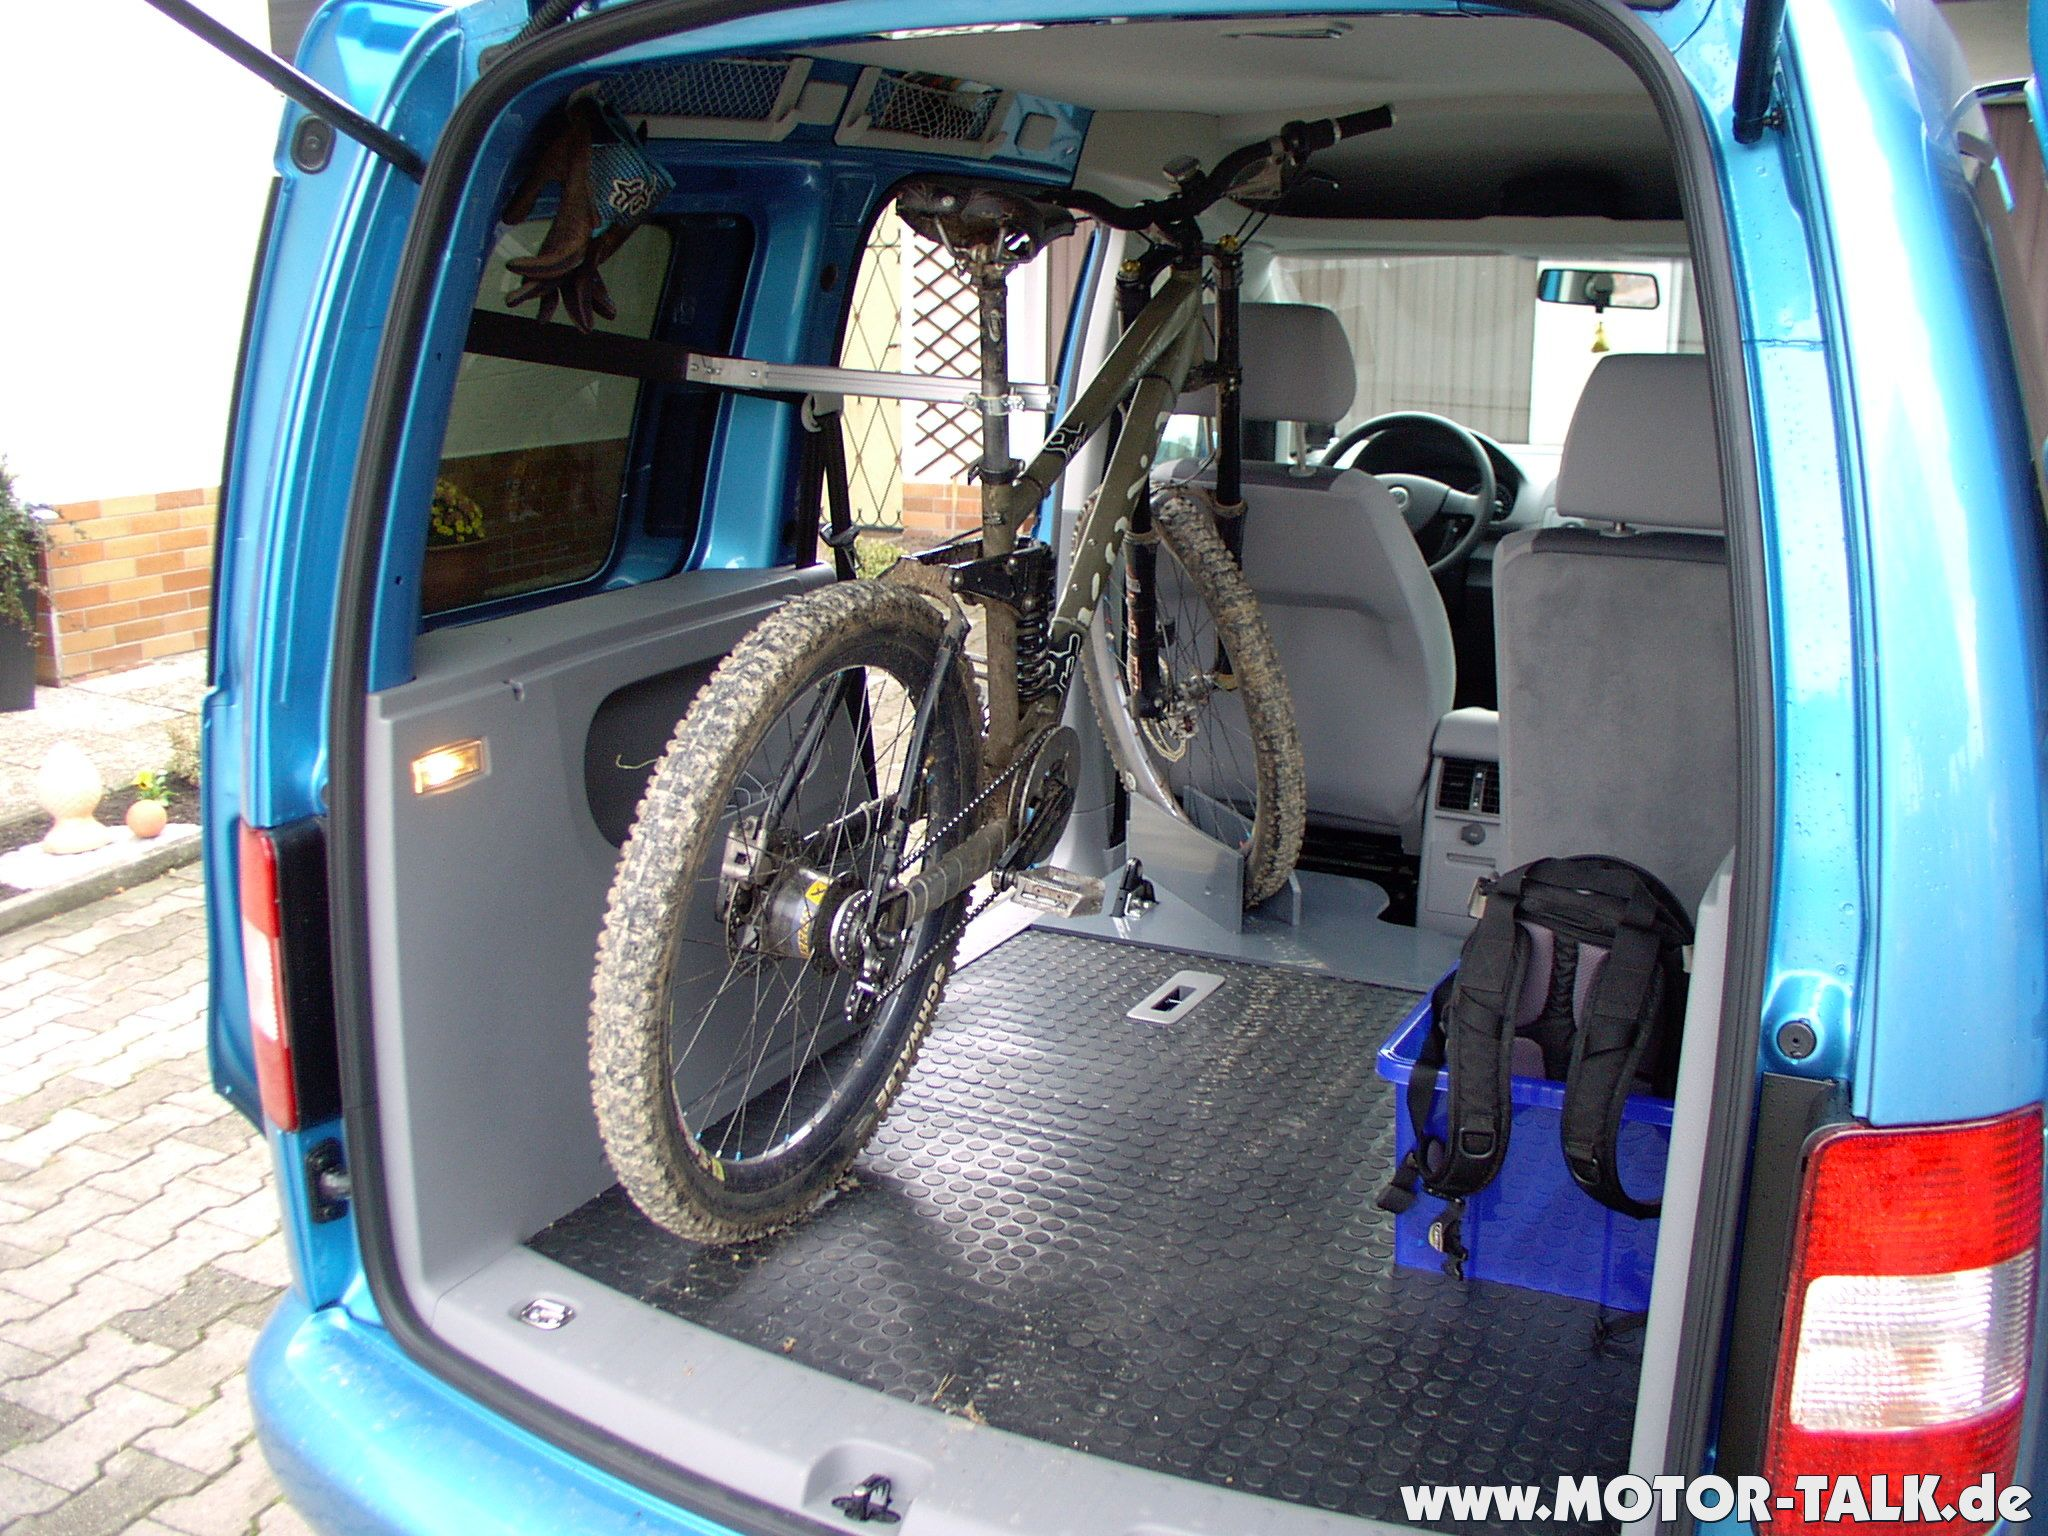 Caddy Fahrradhalterung Fahrrad Fahrradhalter Wohnmobilumbau